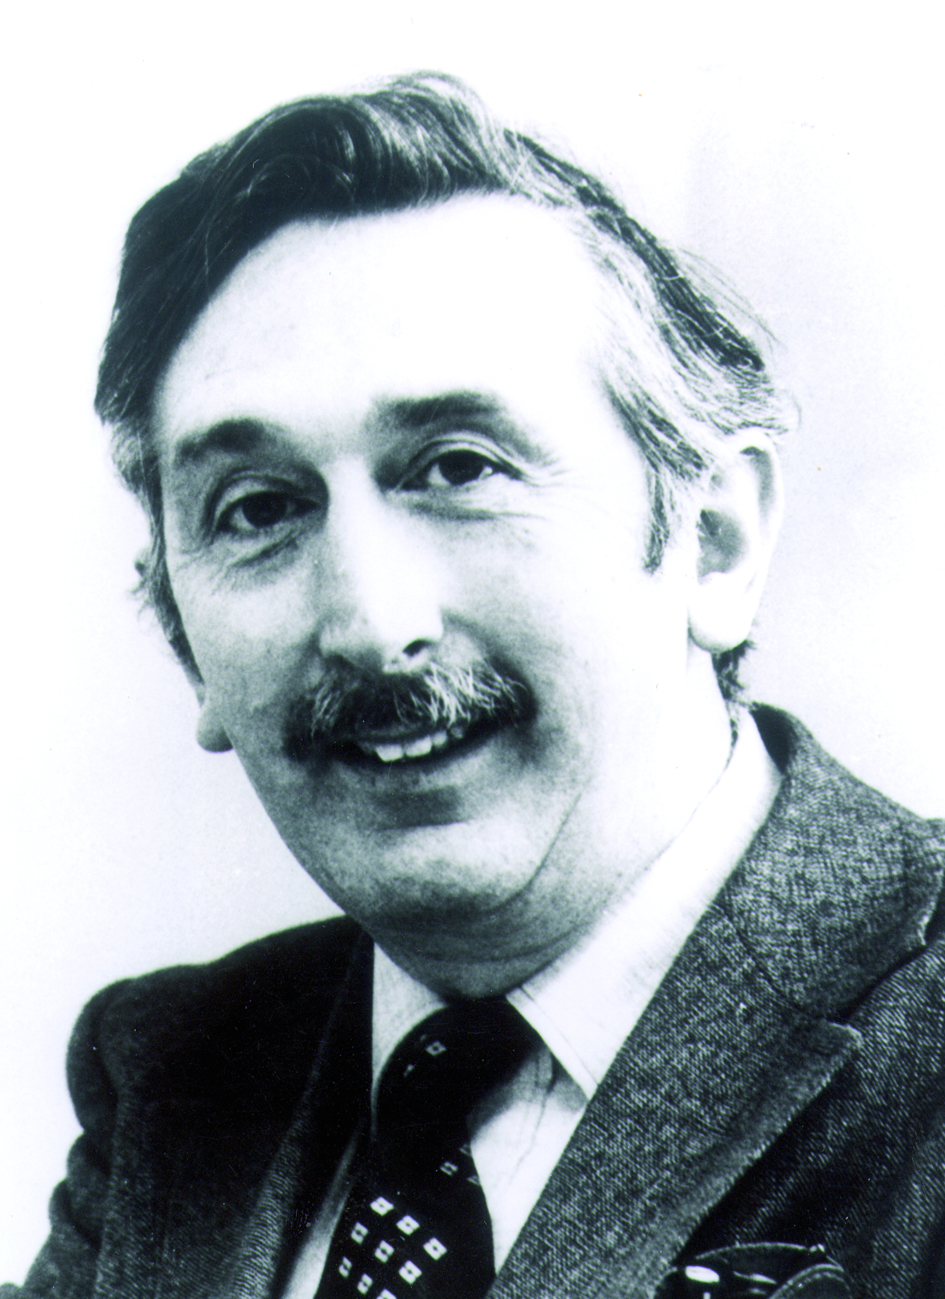 Portraitfoto von Herrn Sir Godfrey Newbold Hounsfield.